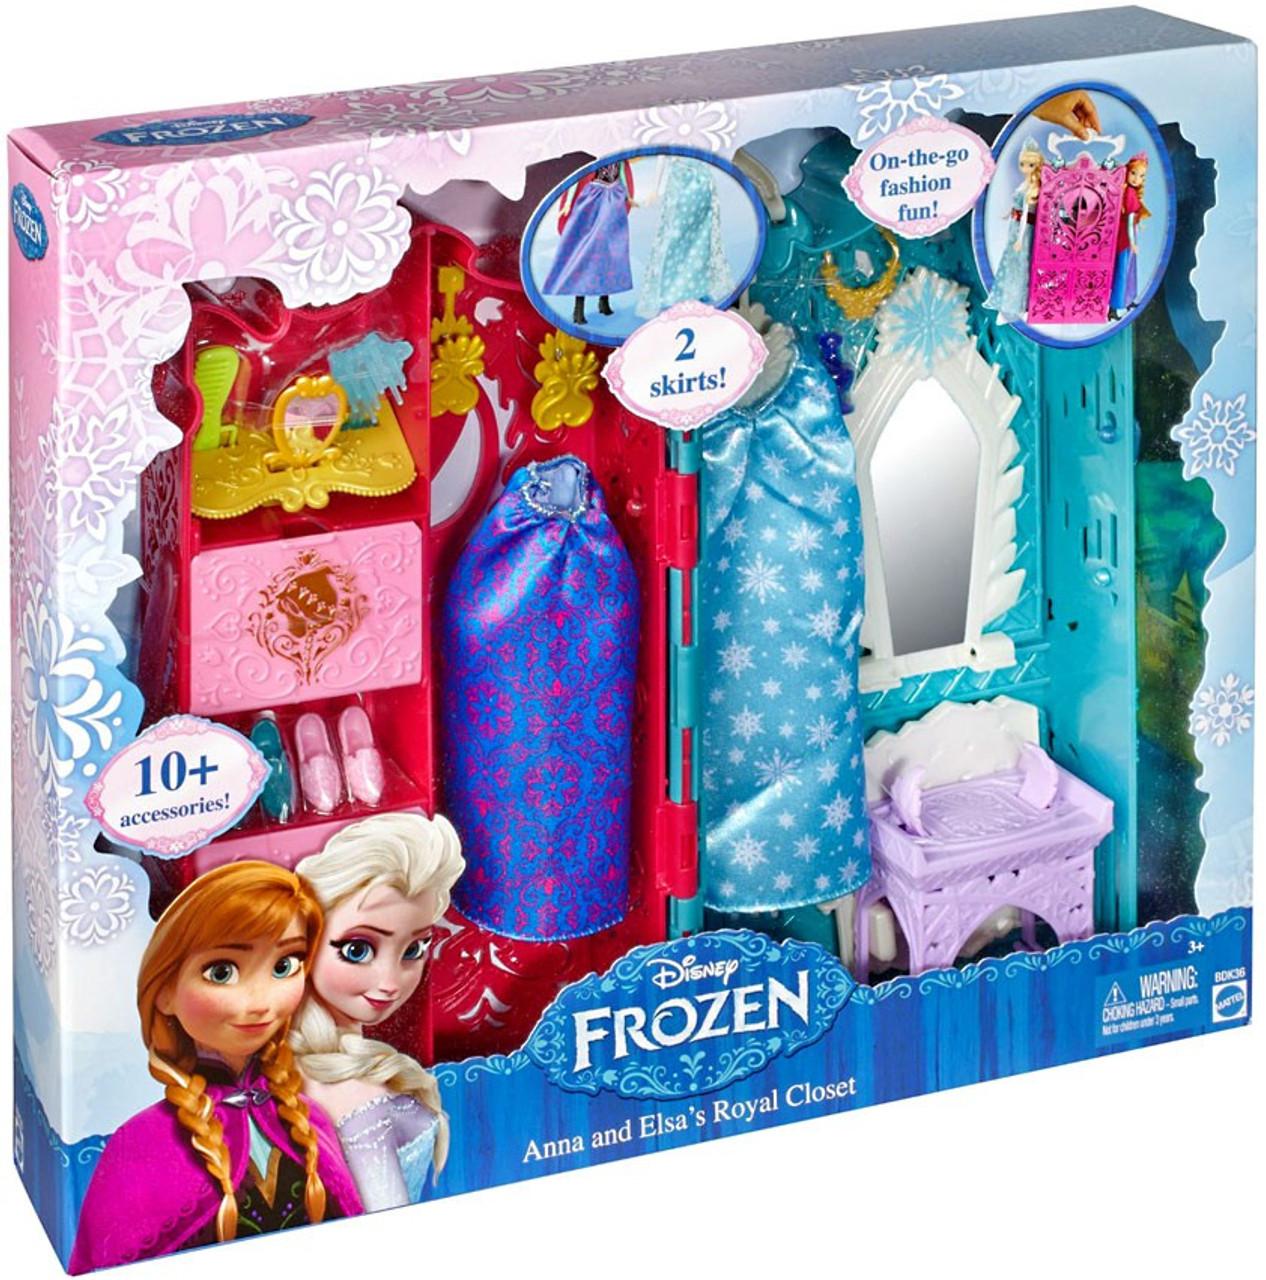 Disney Frozen Anna & Elsa's Royal Closet Playset